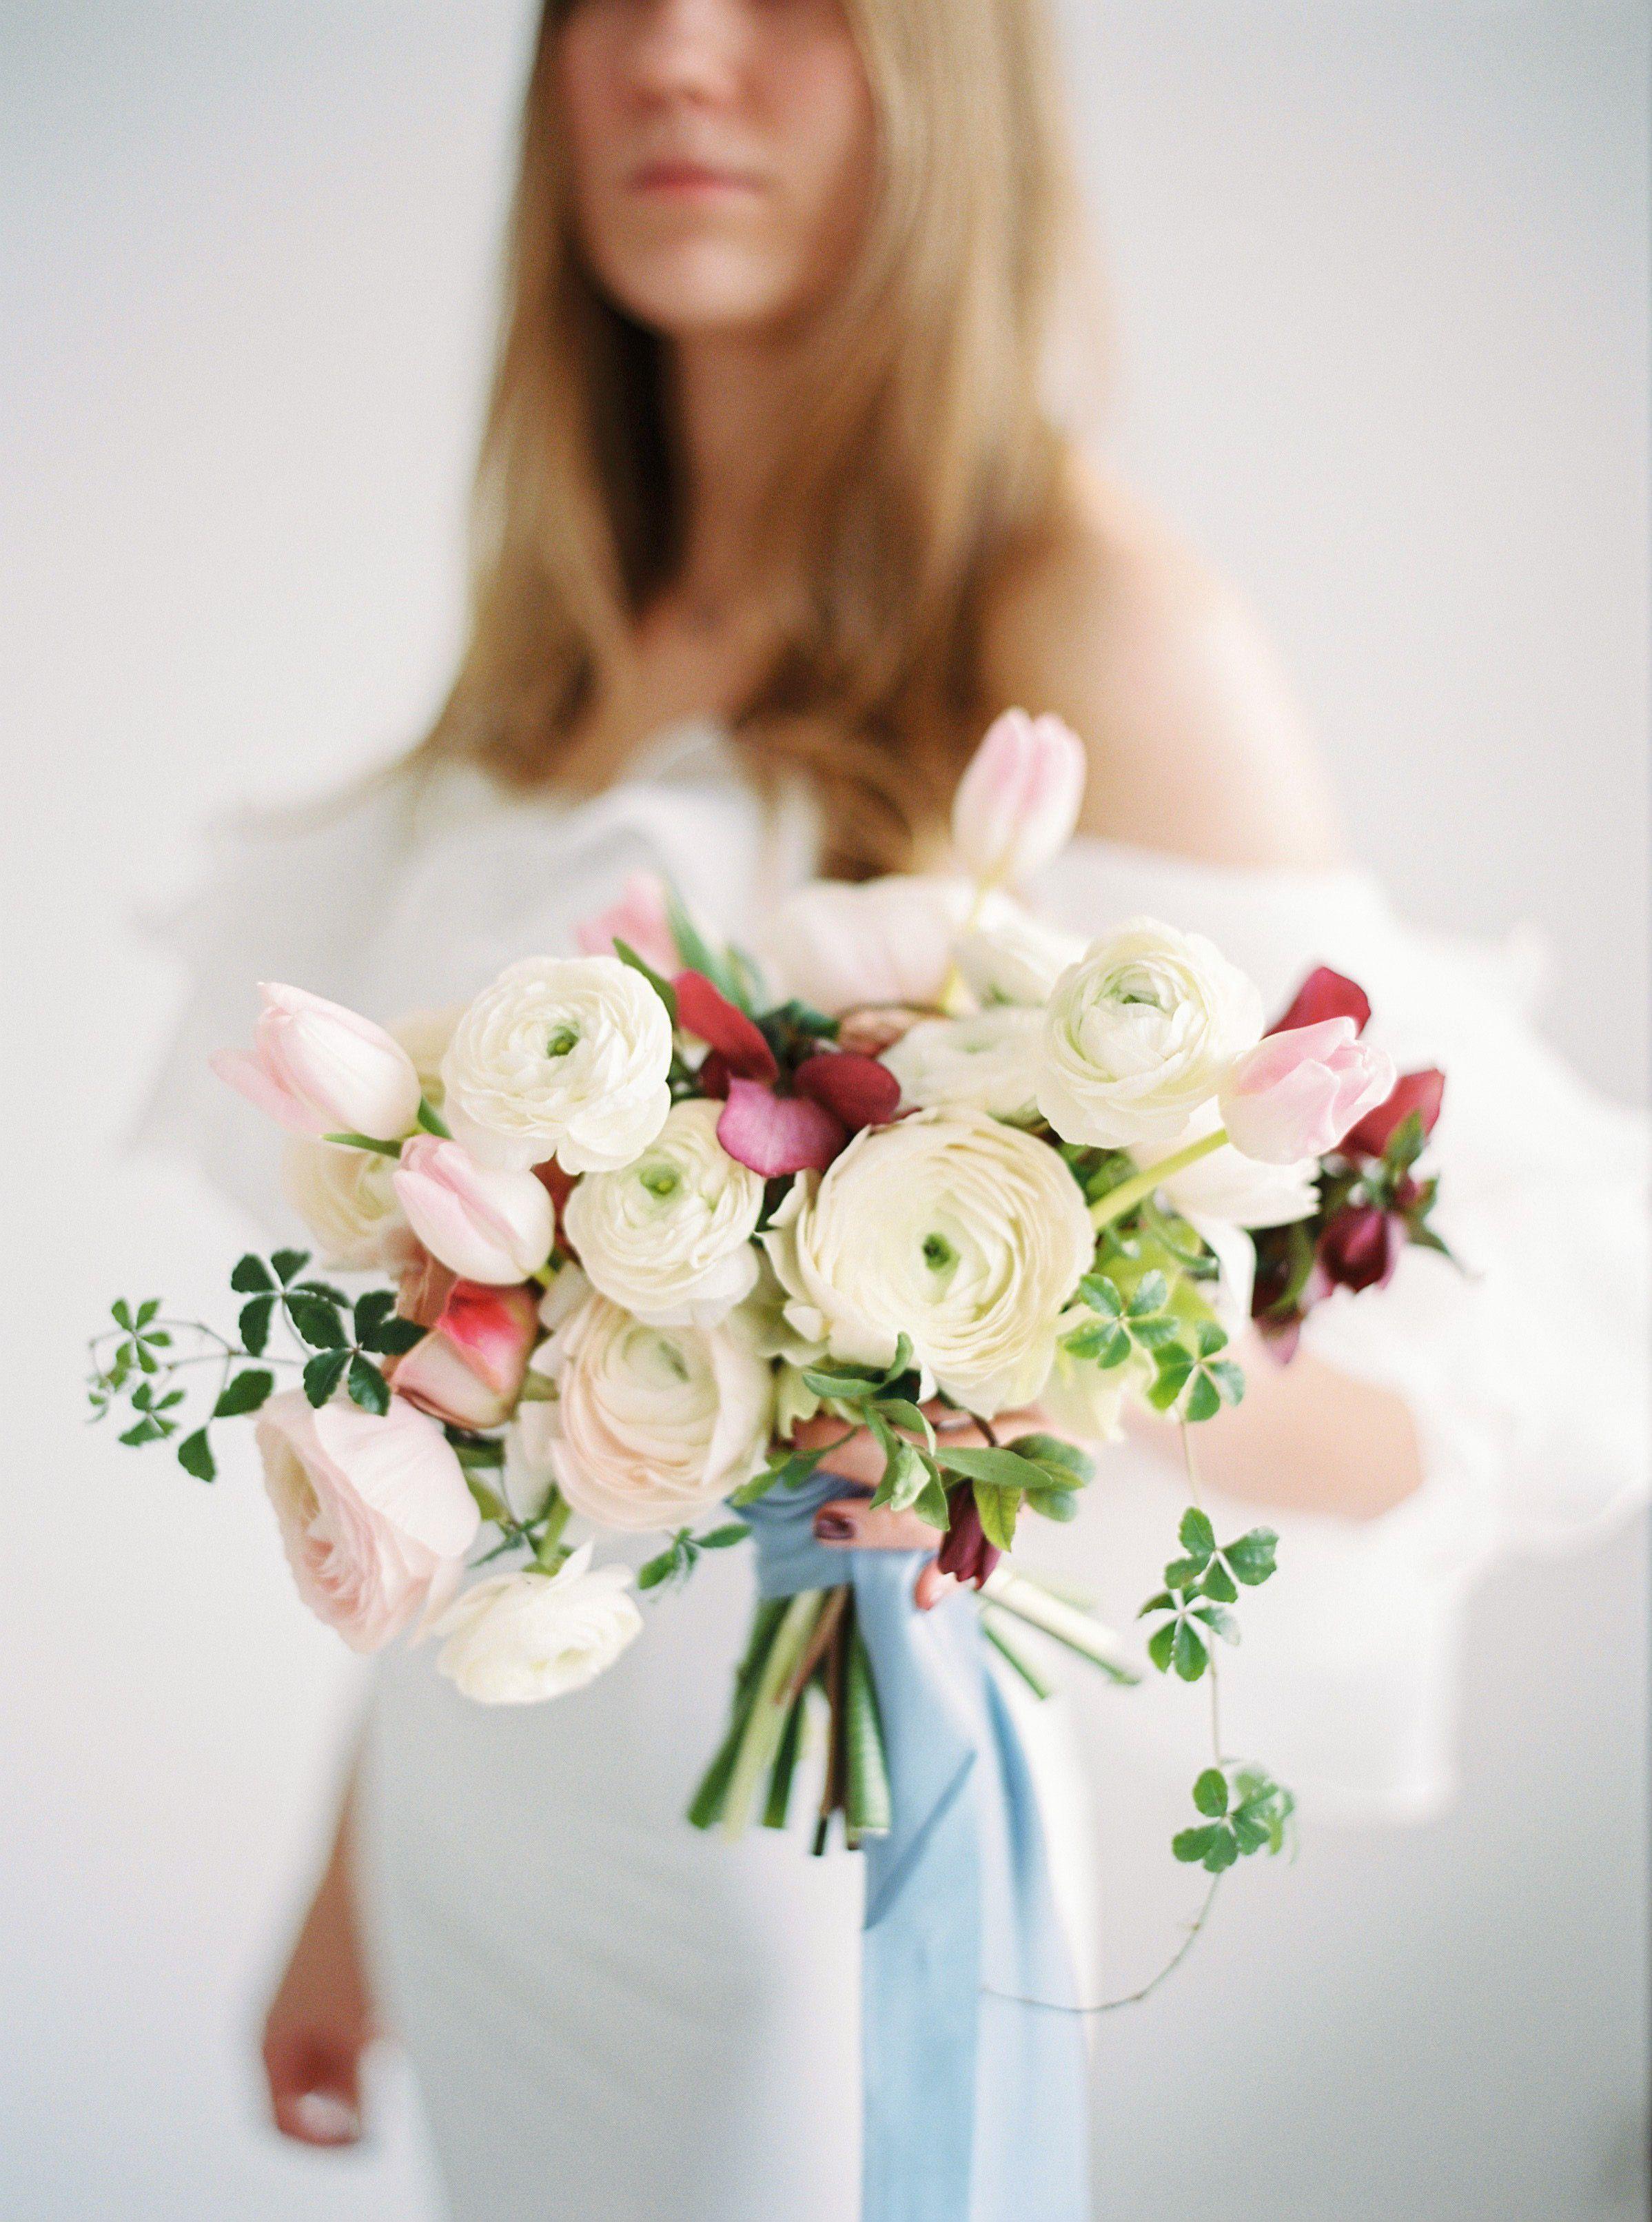 Bukiet Slubny Poznan Minimalistyczny Bukiet Slubny Na Slub Zima Jaskry Tulipany Ciemierniki Wedding Bouq Wedding Strapless Wedding Dress Wedding Dresses